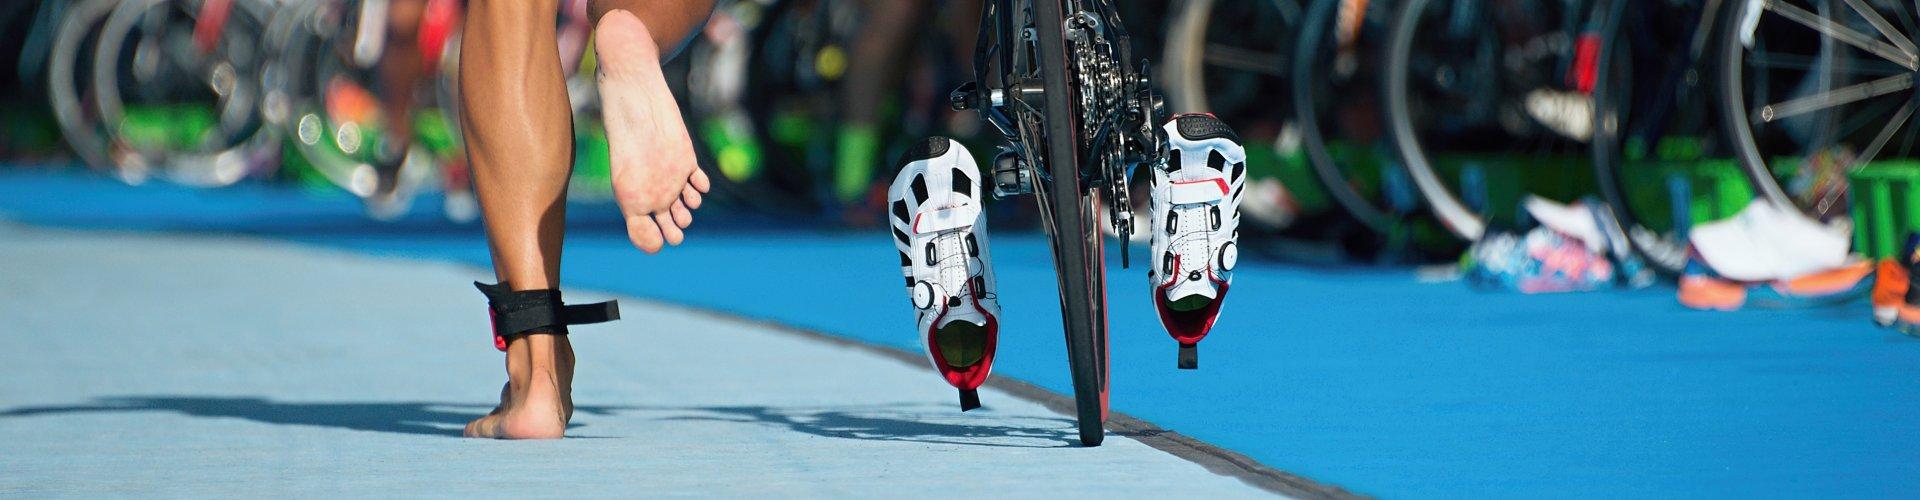 Trainen voor een triathlon zonder je sociale leven op te geven? | Triathloncoach.nl